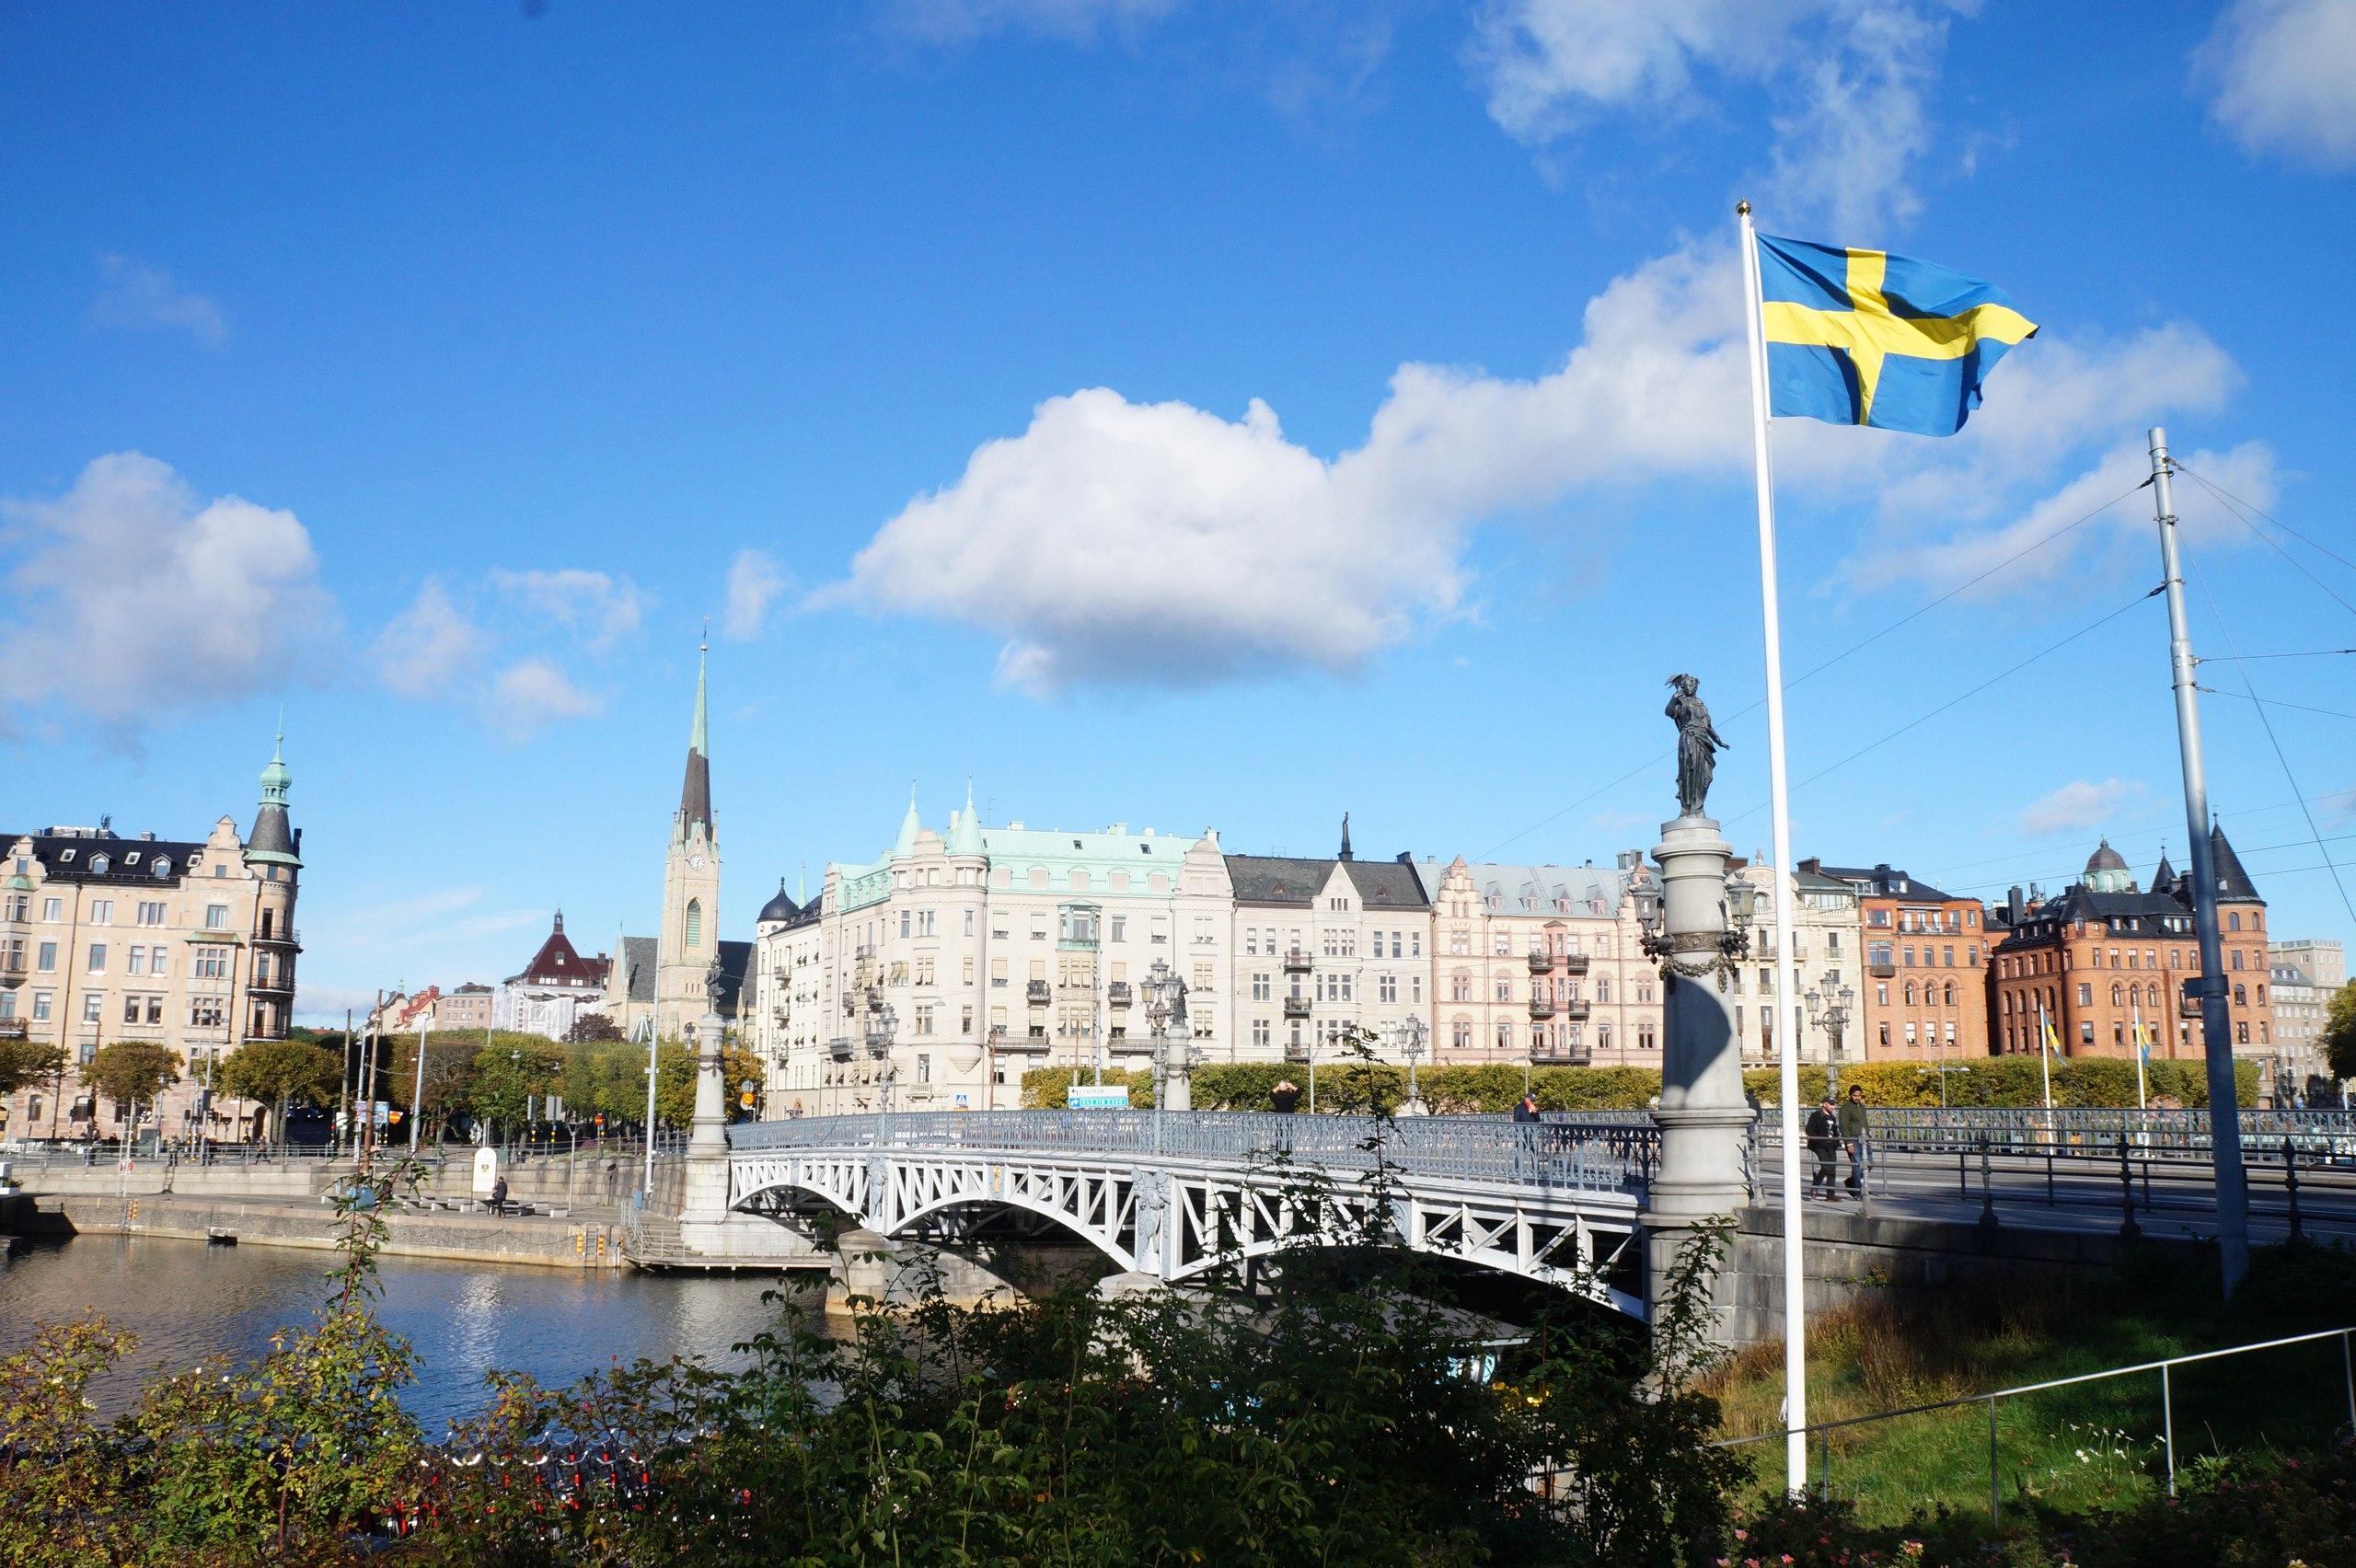 Сколько стоит поесть в ресторане в Швеции